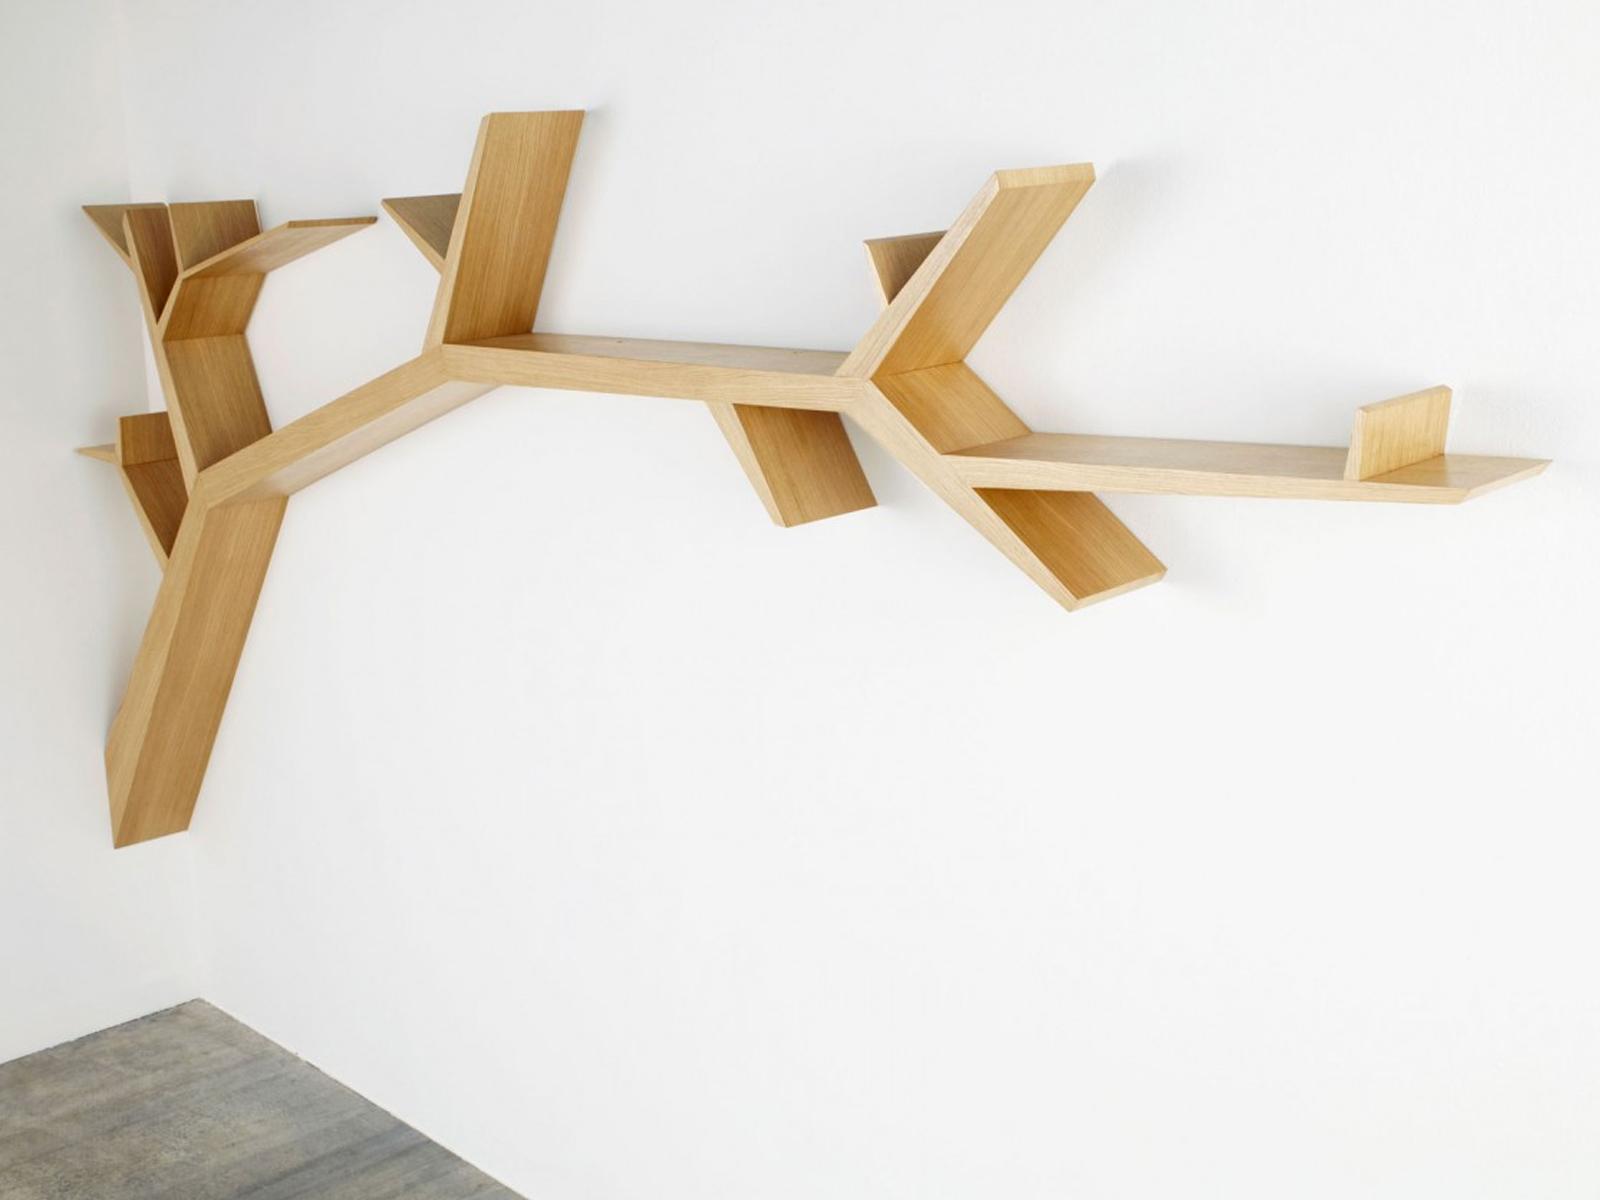 Boomstructuren-OlivierDolle-TreeBranch